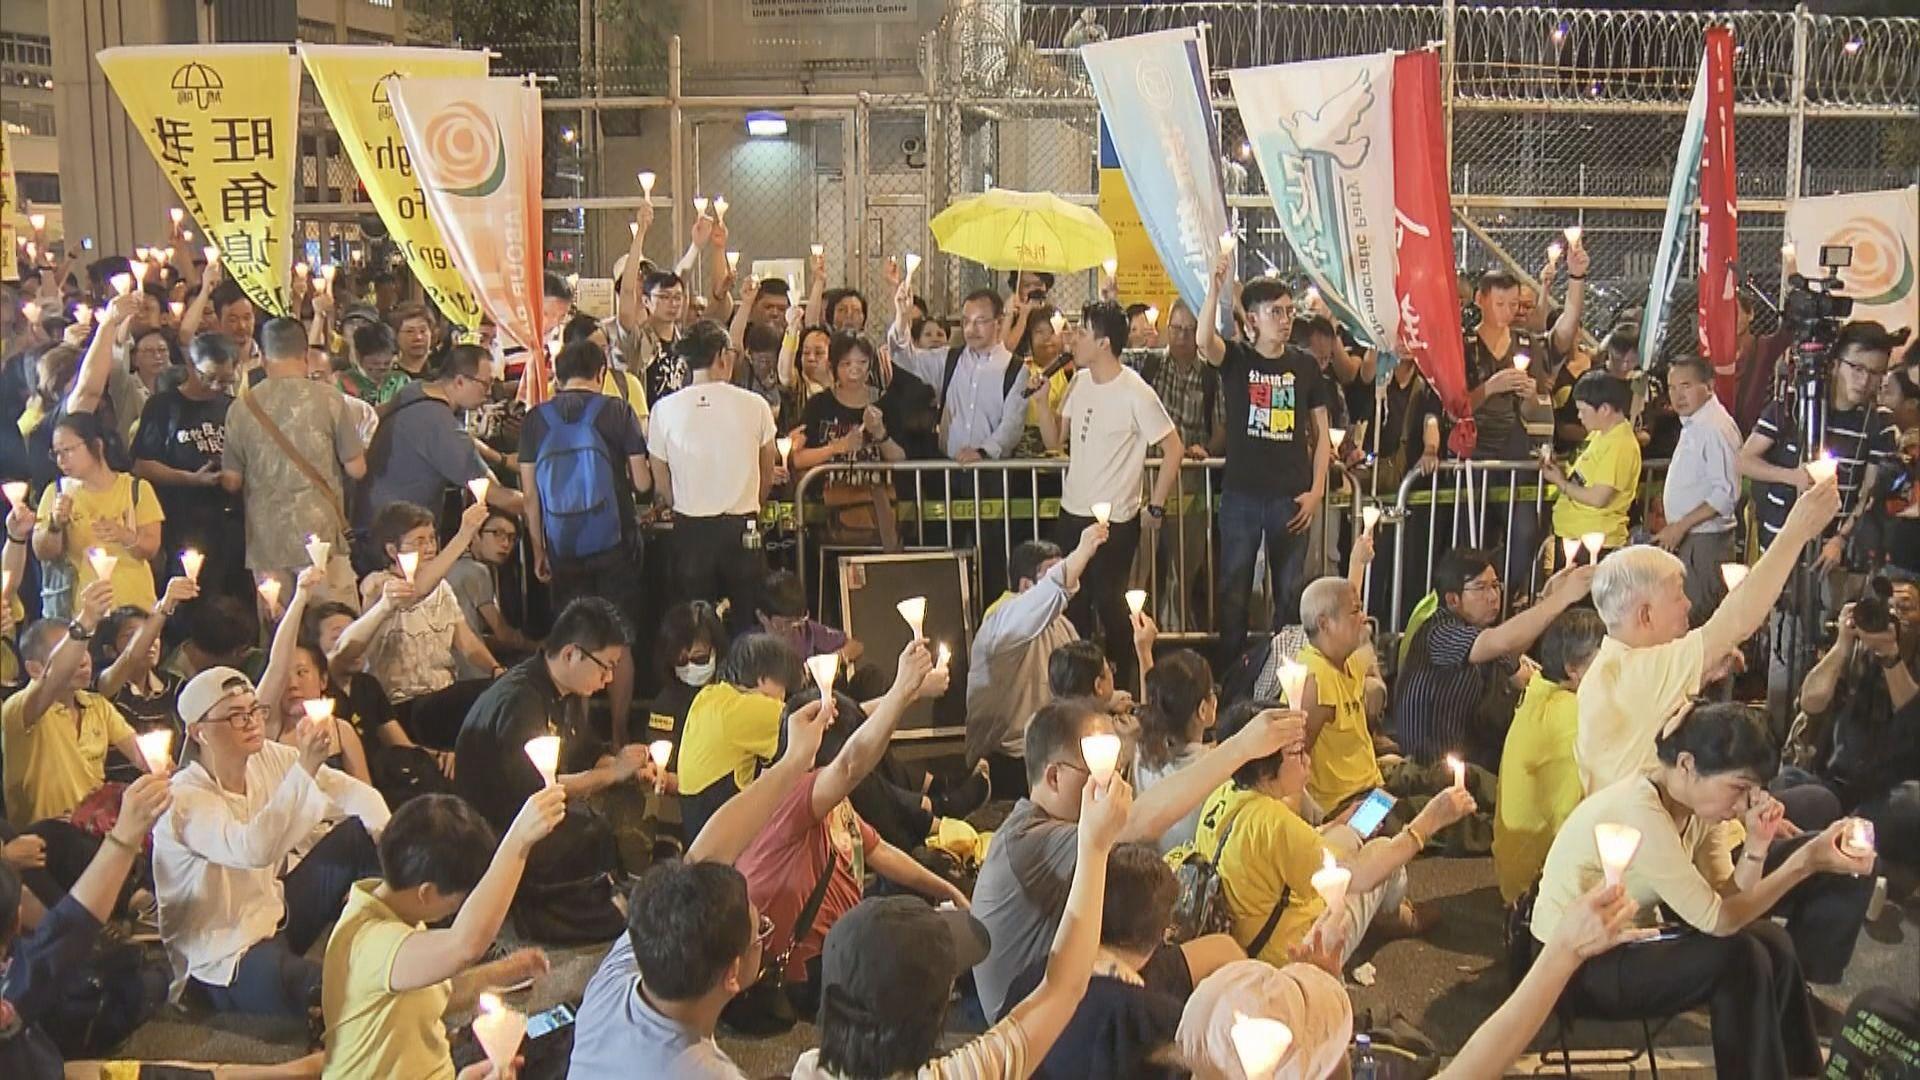 【佔中案】逾百人在茘枝角收押所外燭光集會